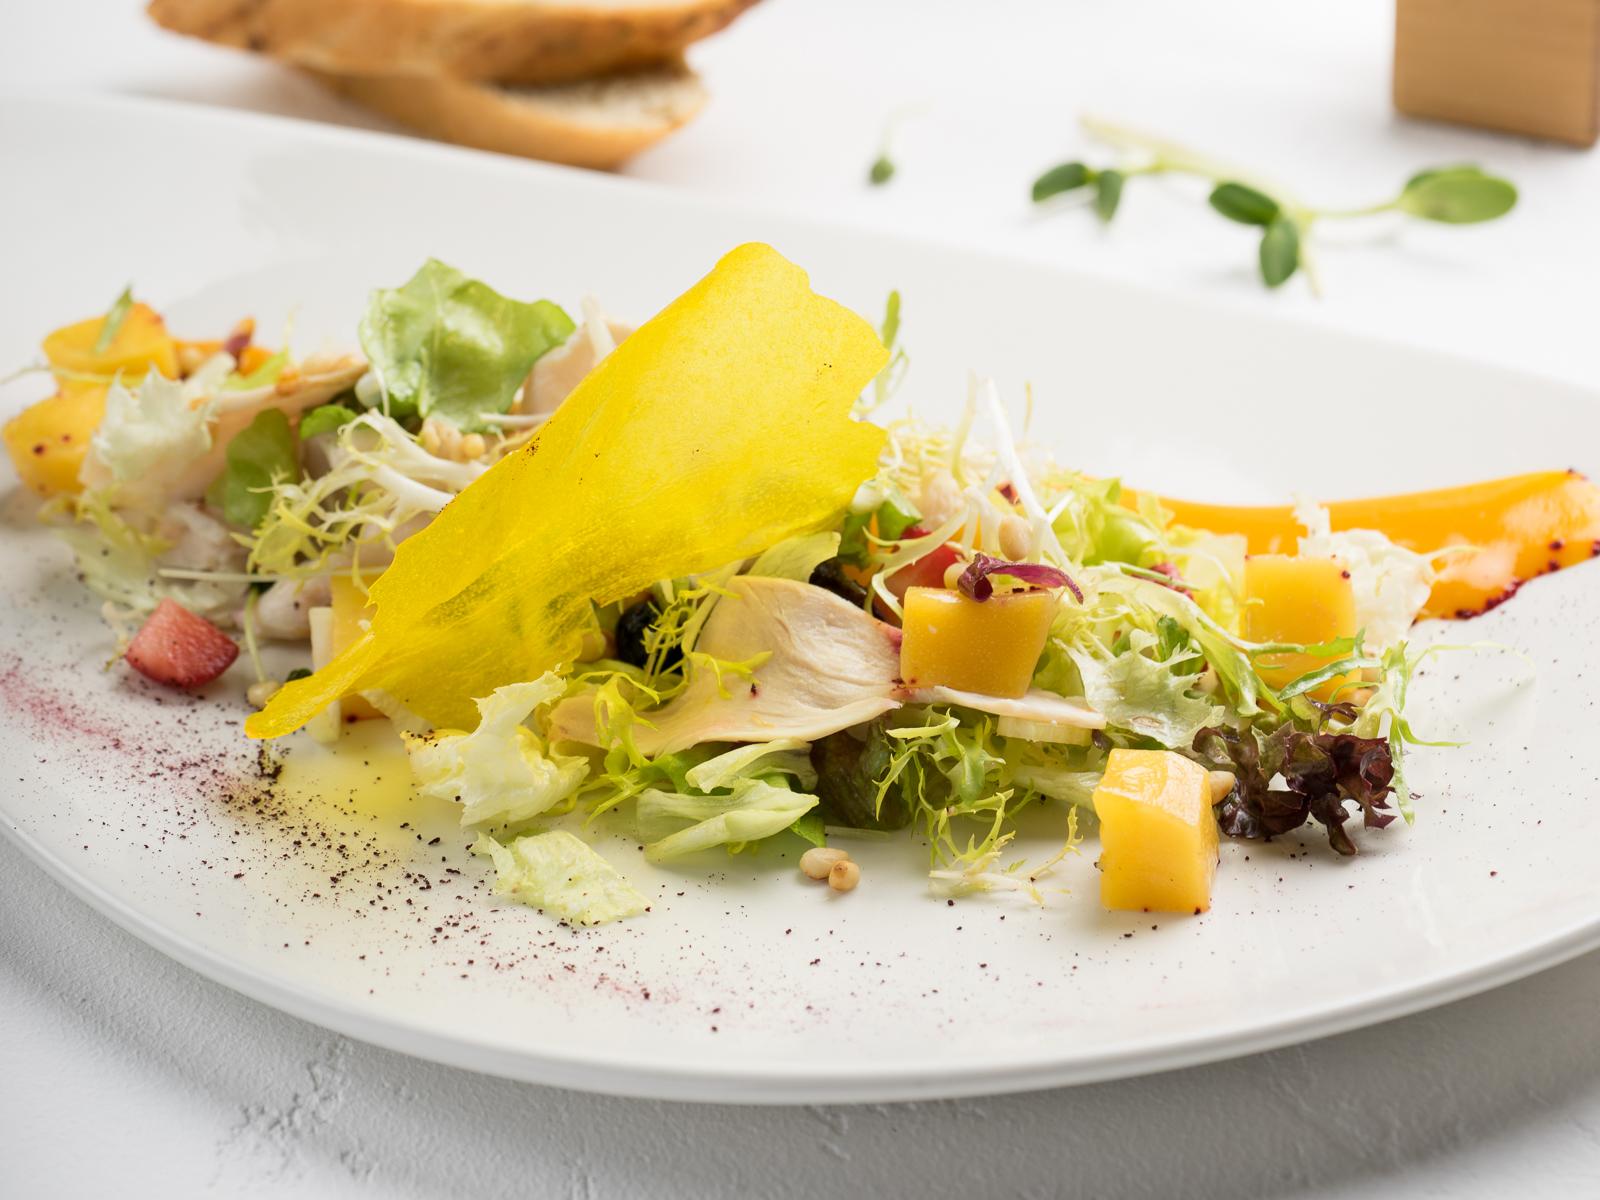 Салат с куриной грудкой су-вид и манговым соусом